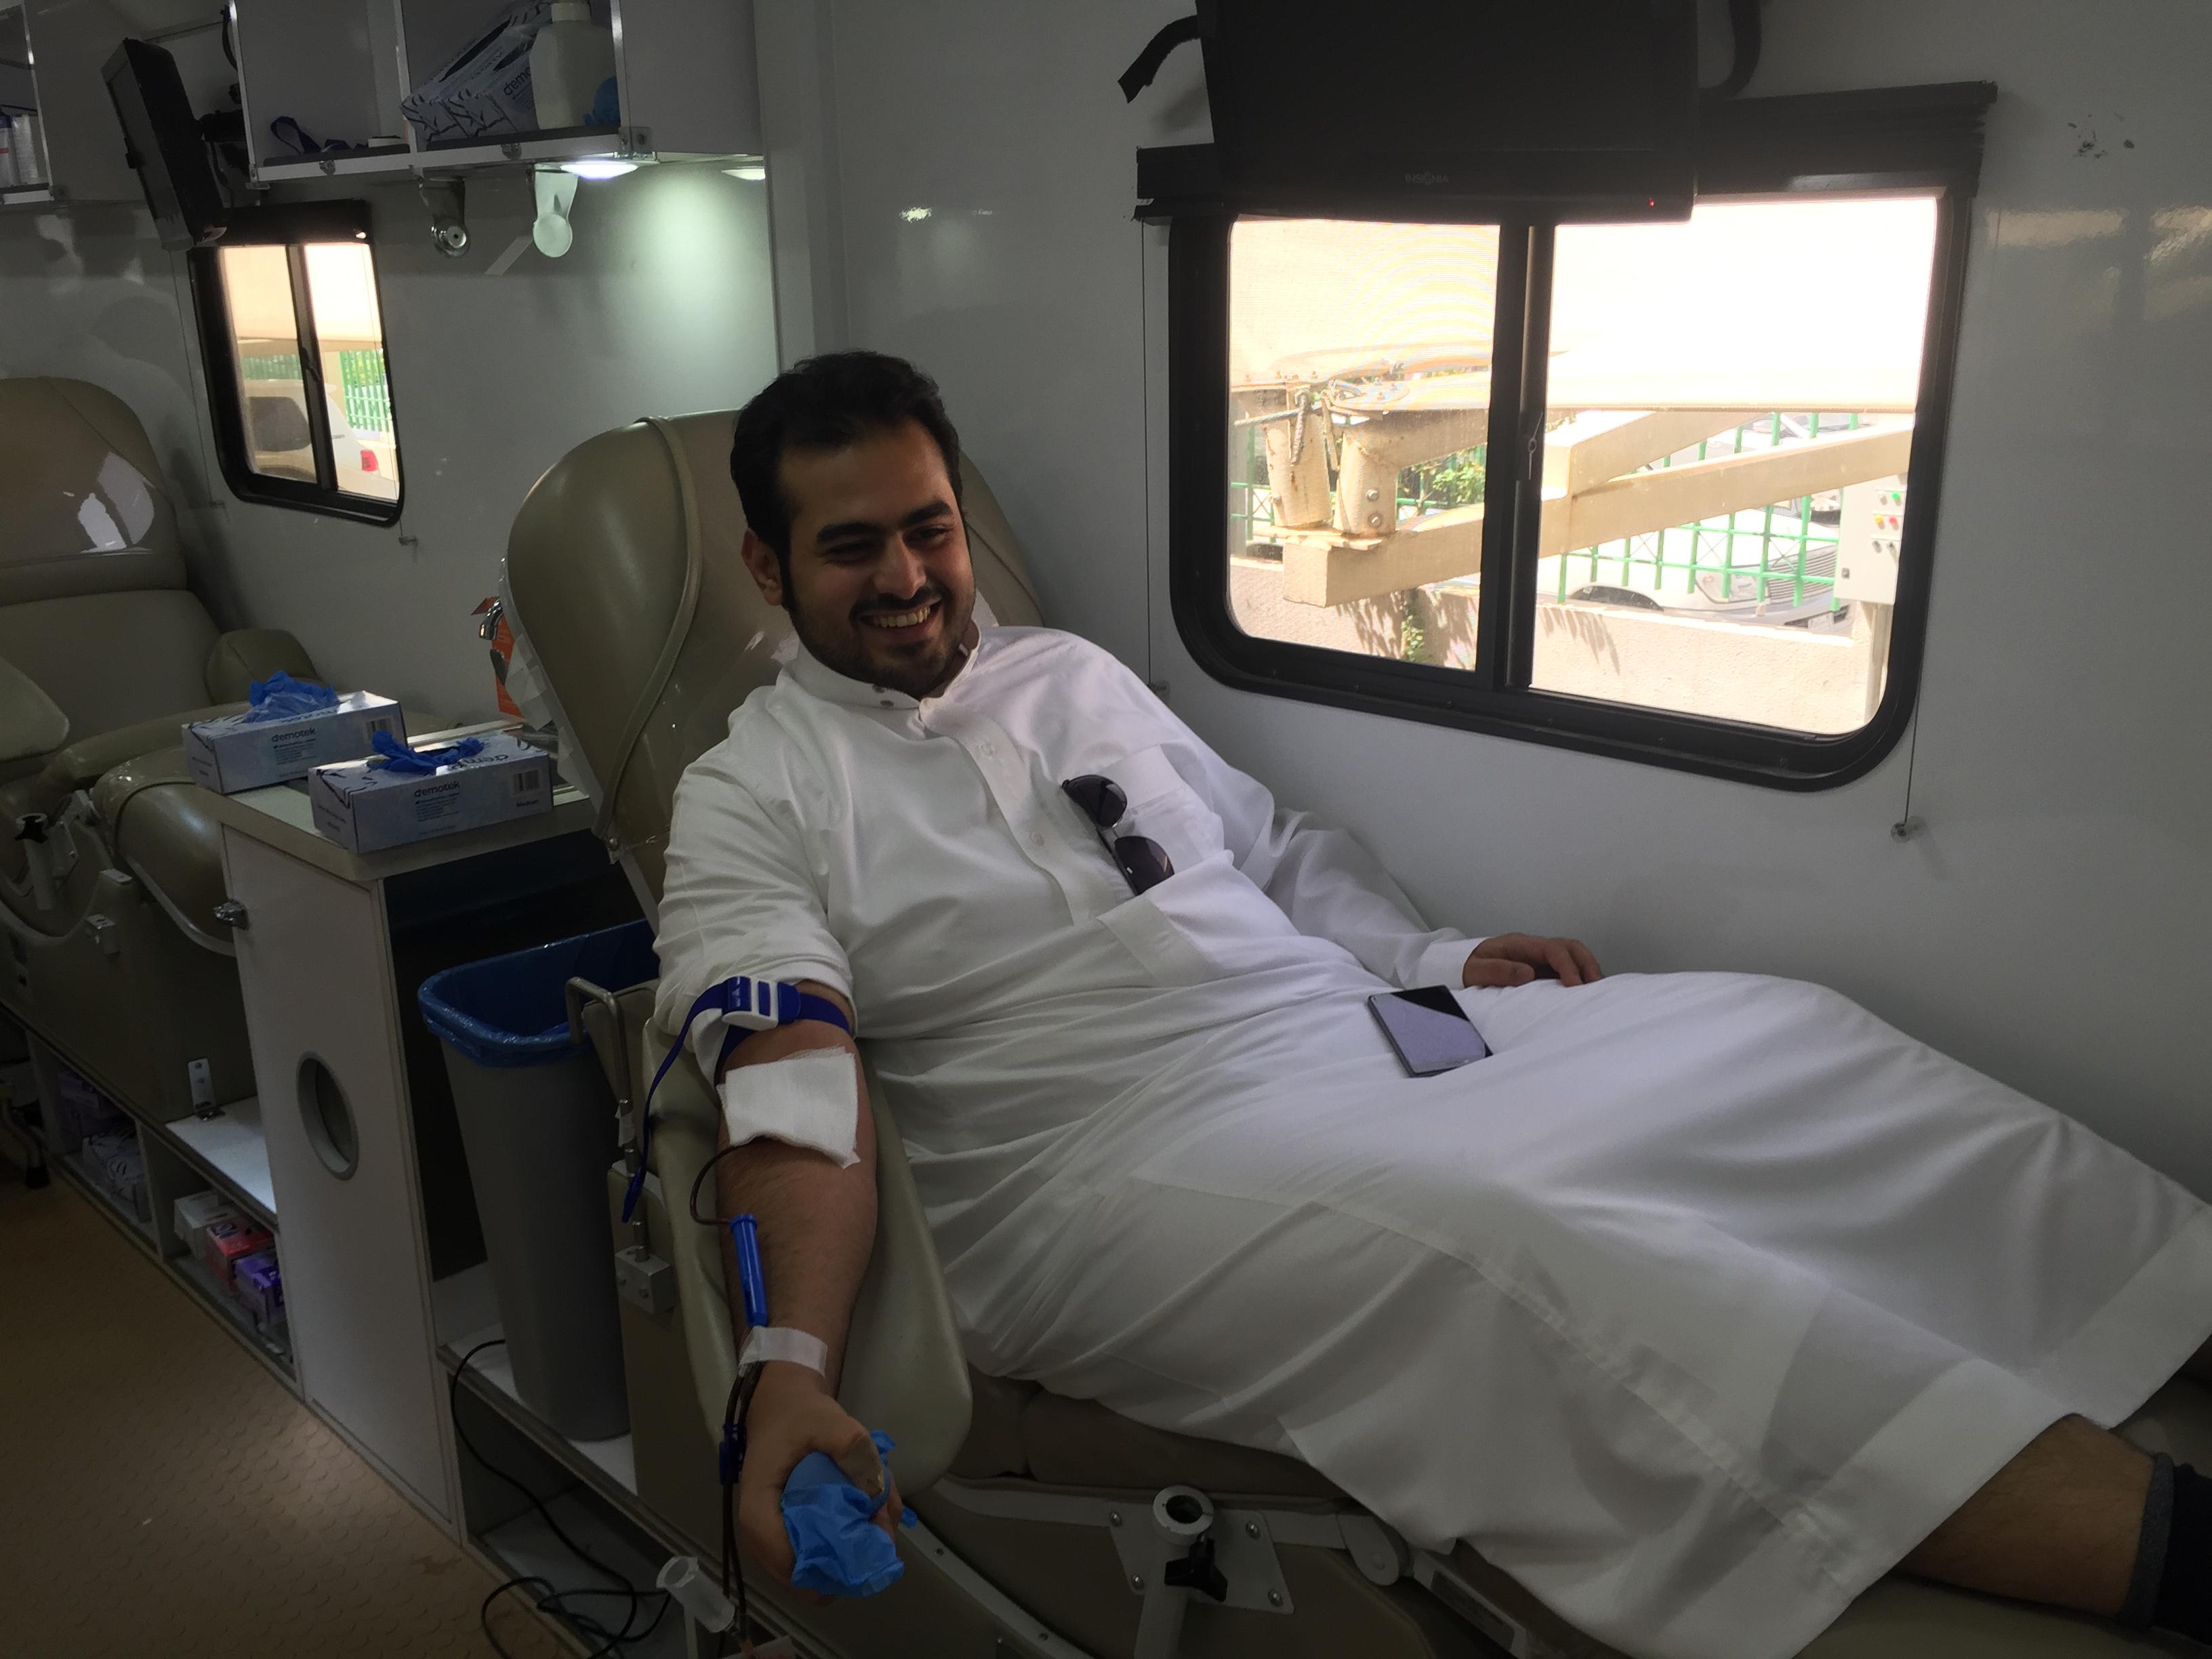 امنح حياة بقطرة من دمك تستقبل جموع المتبرعين في عمل الرياض (3)